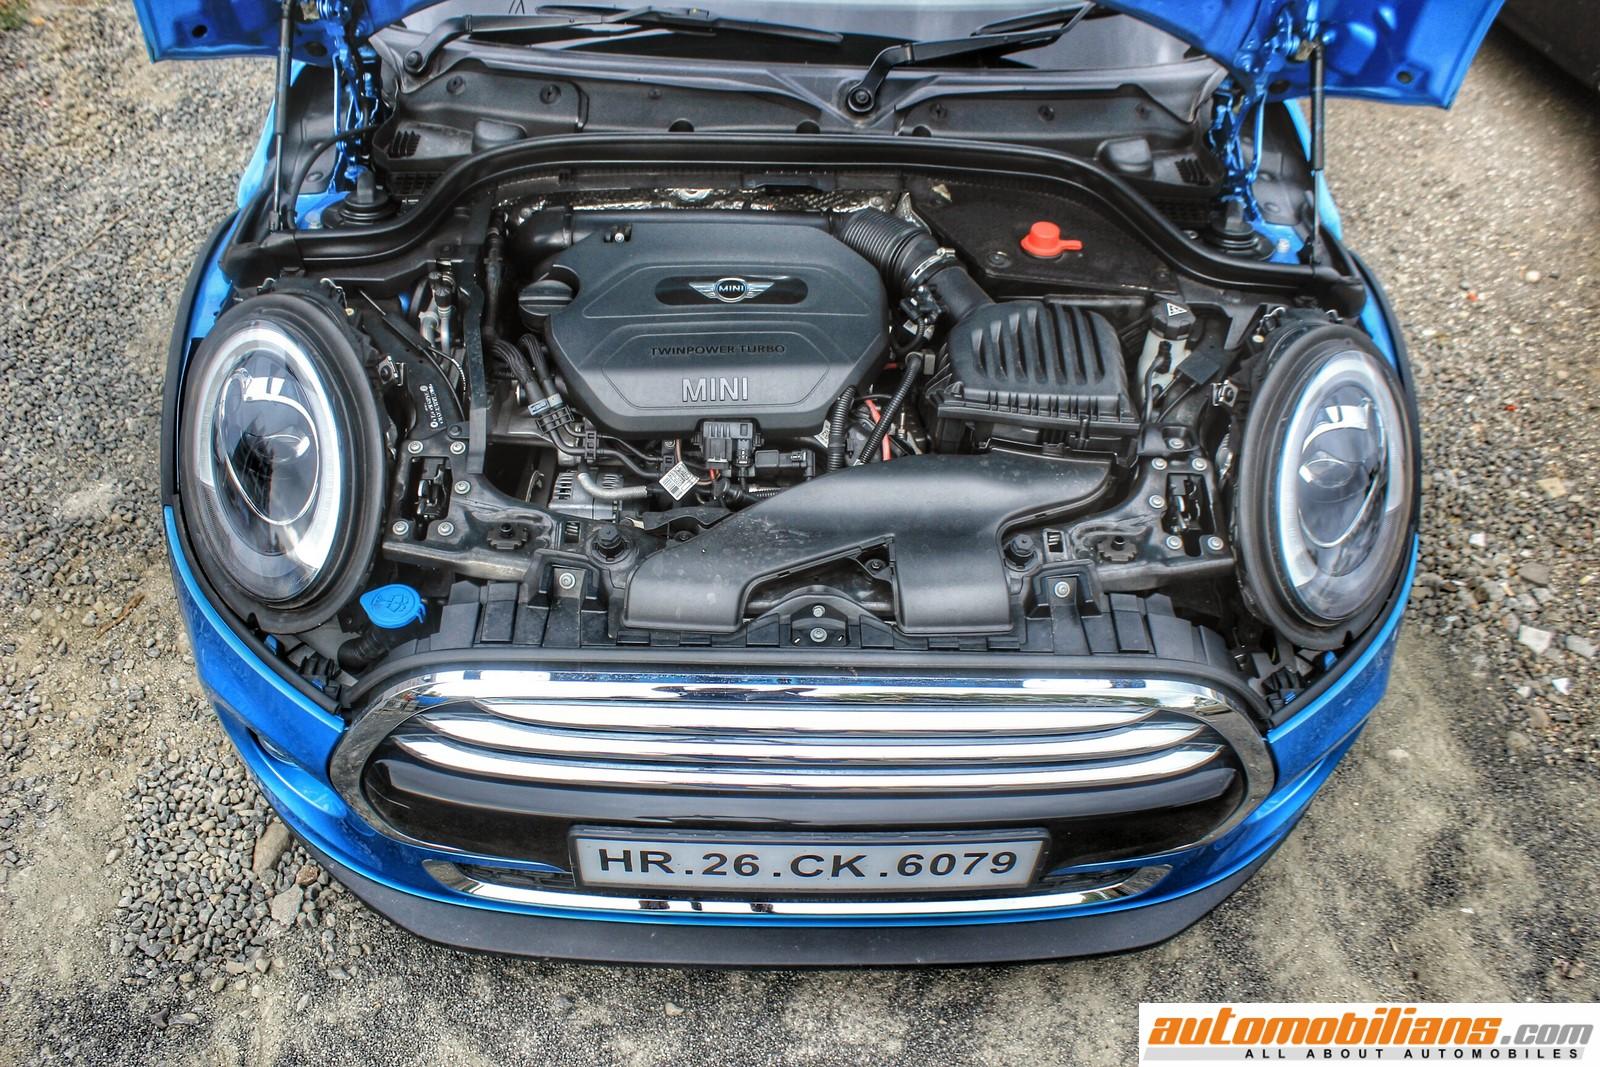 Mini cooper d 5 door hatch pictures - 2015 Mini Cooper D 5 Door Hardtop Engine Test Drive Review